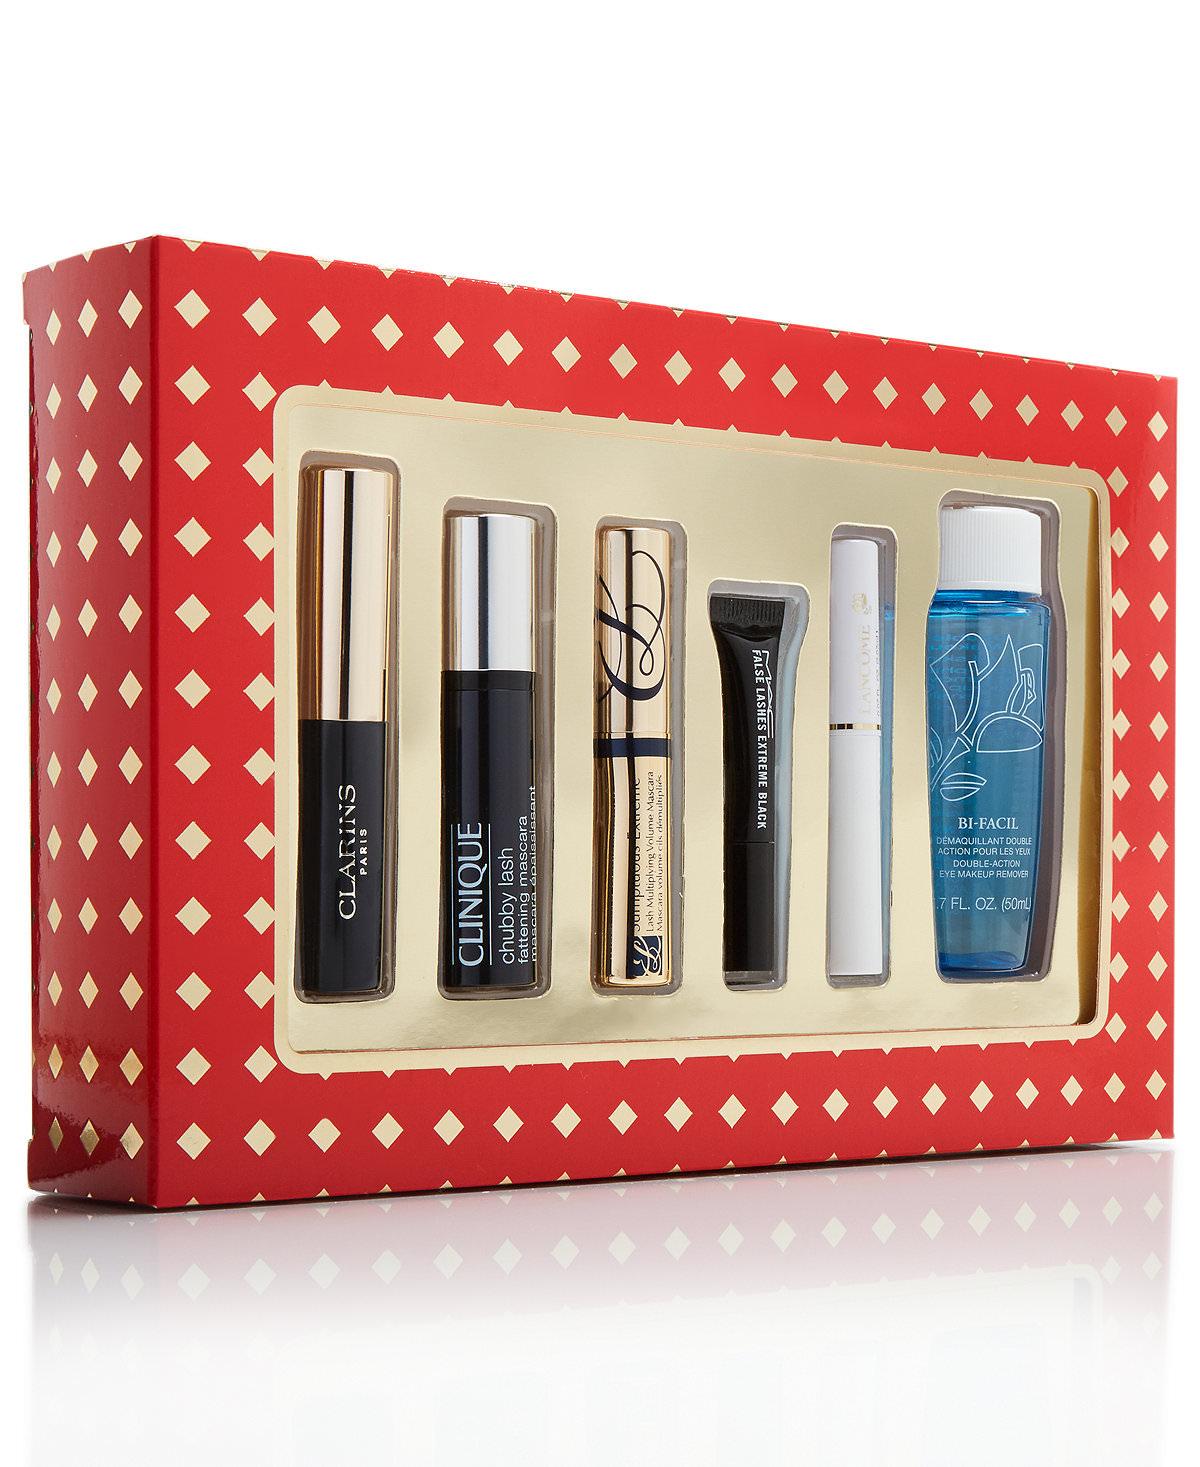 6-Piece Mascara Sampler Gift Set $10 + free shipping